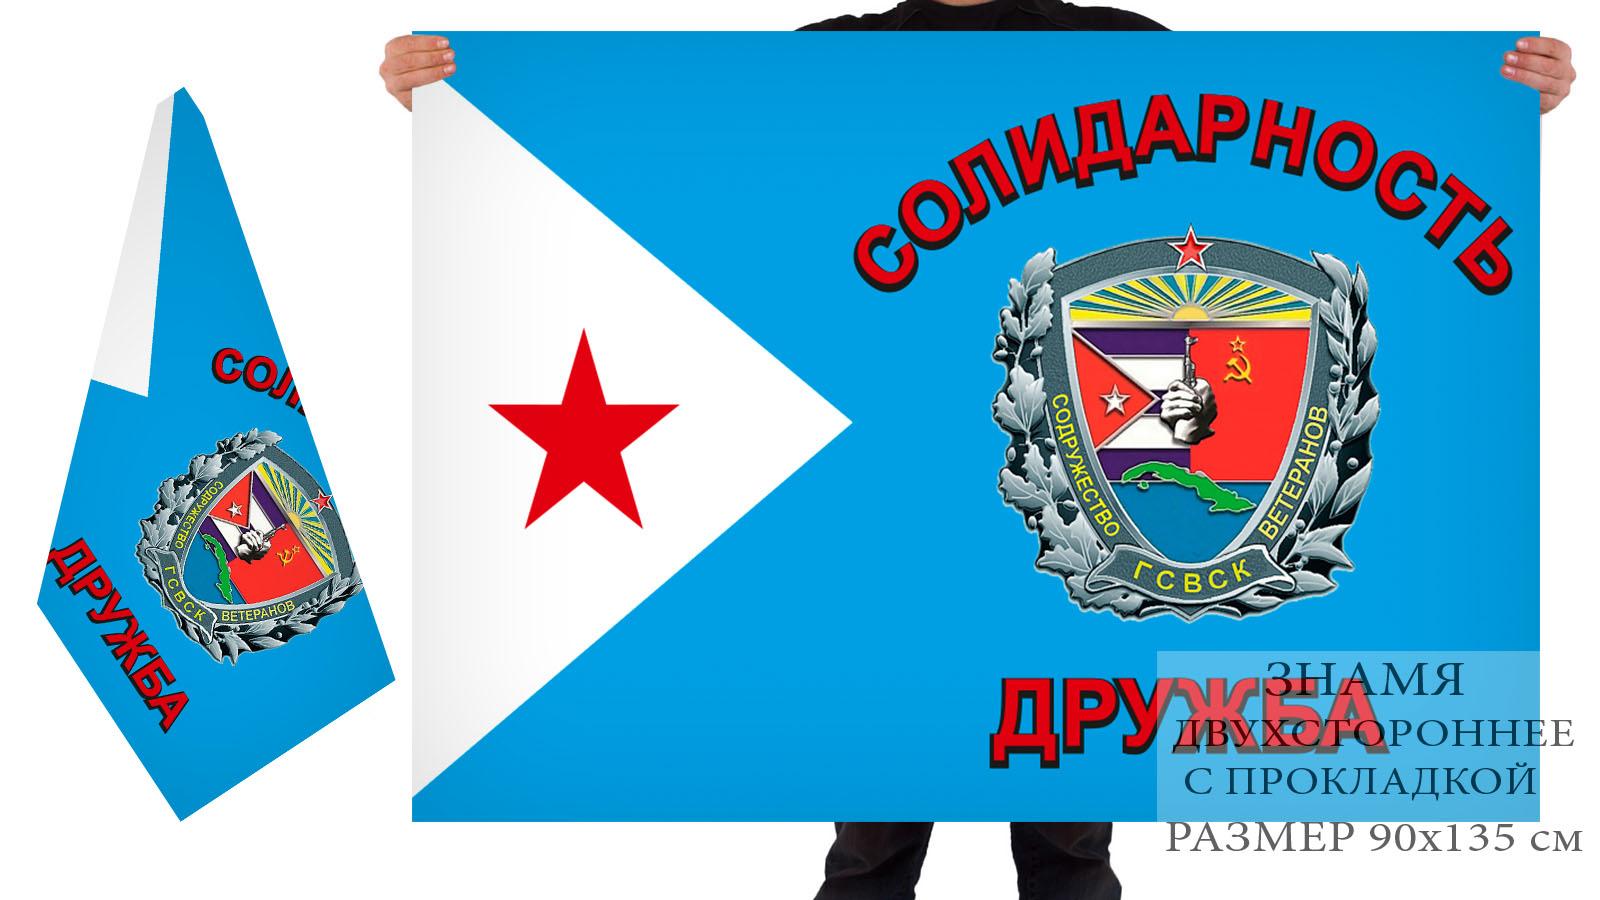 Двусторонний флаг ветеранов ГСВСК